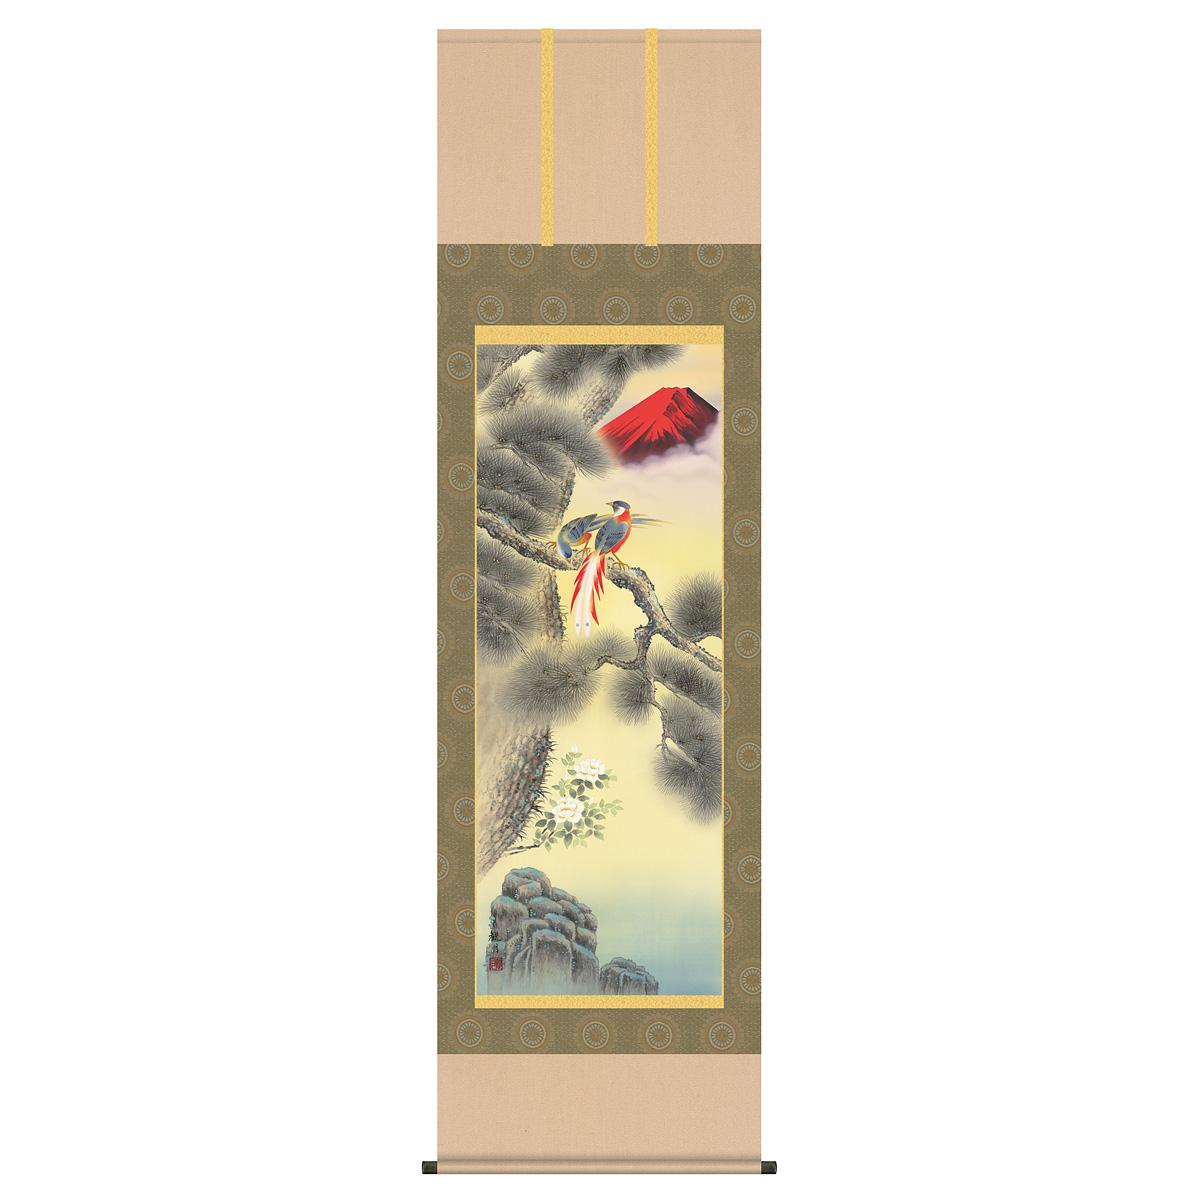 節句 正月 掛け軸 「森山観月(三美会)作 不老長春 掛け軸」2019年雛人形 ●正月飾り